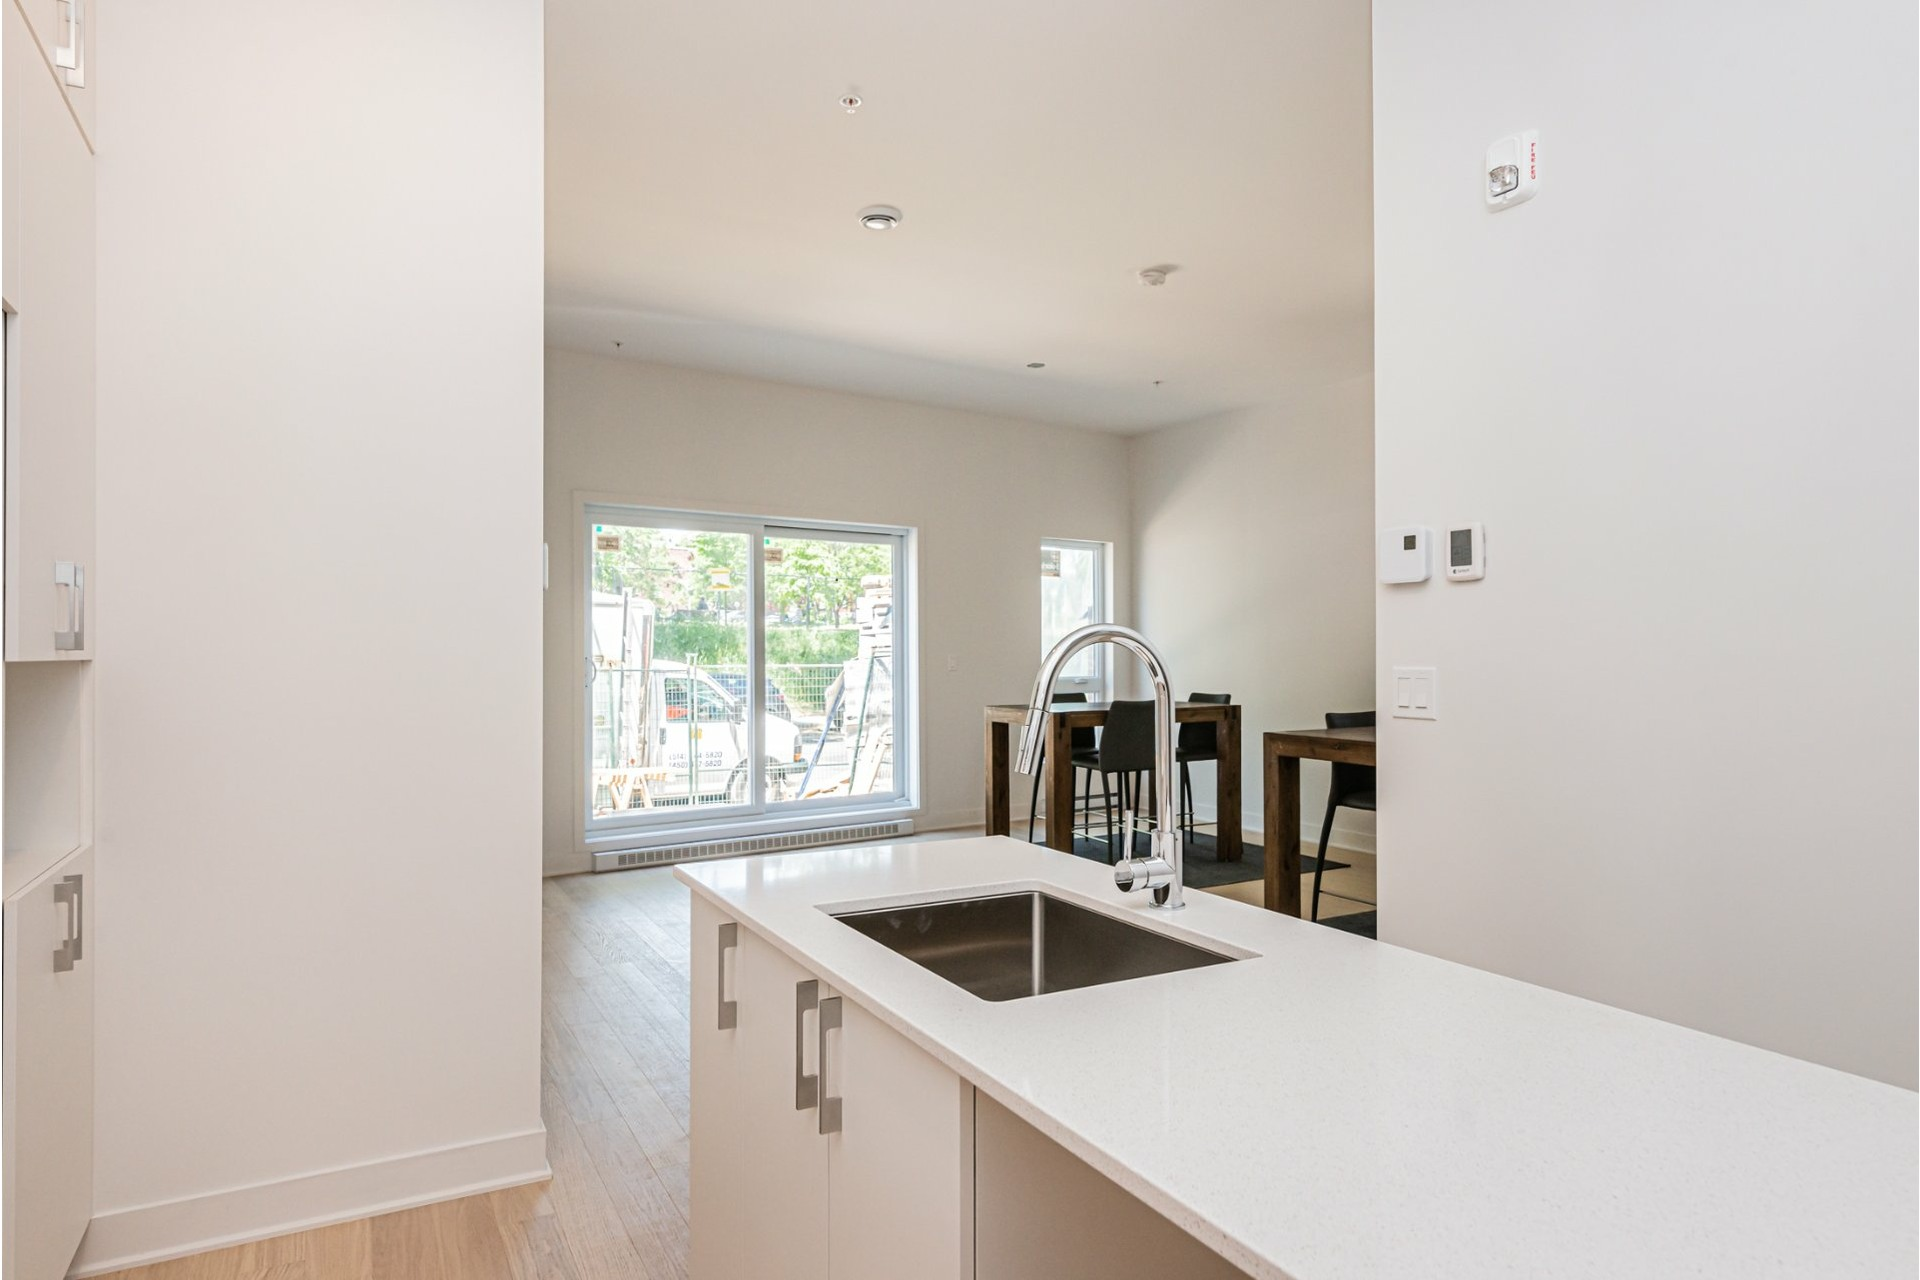 image 16 - Appartement À vendre Rosemont/La Petite-Patrie Montréal  - 5 pièces